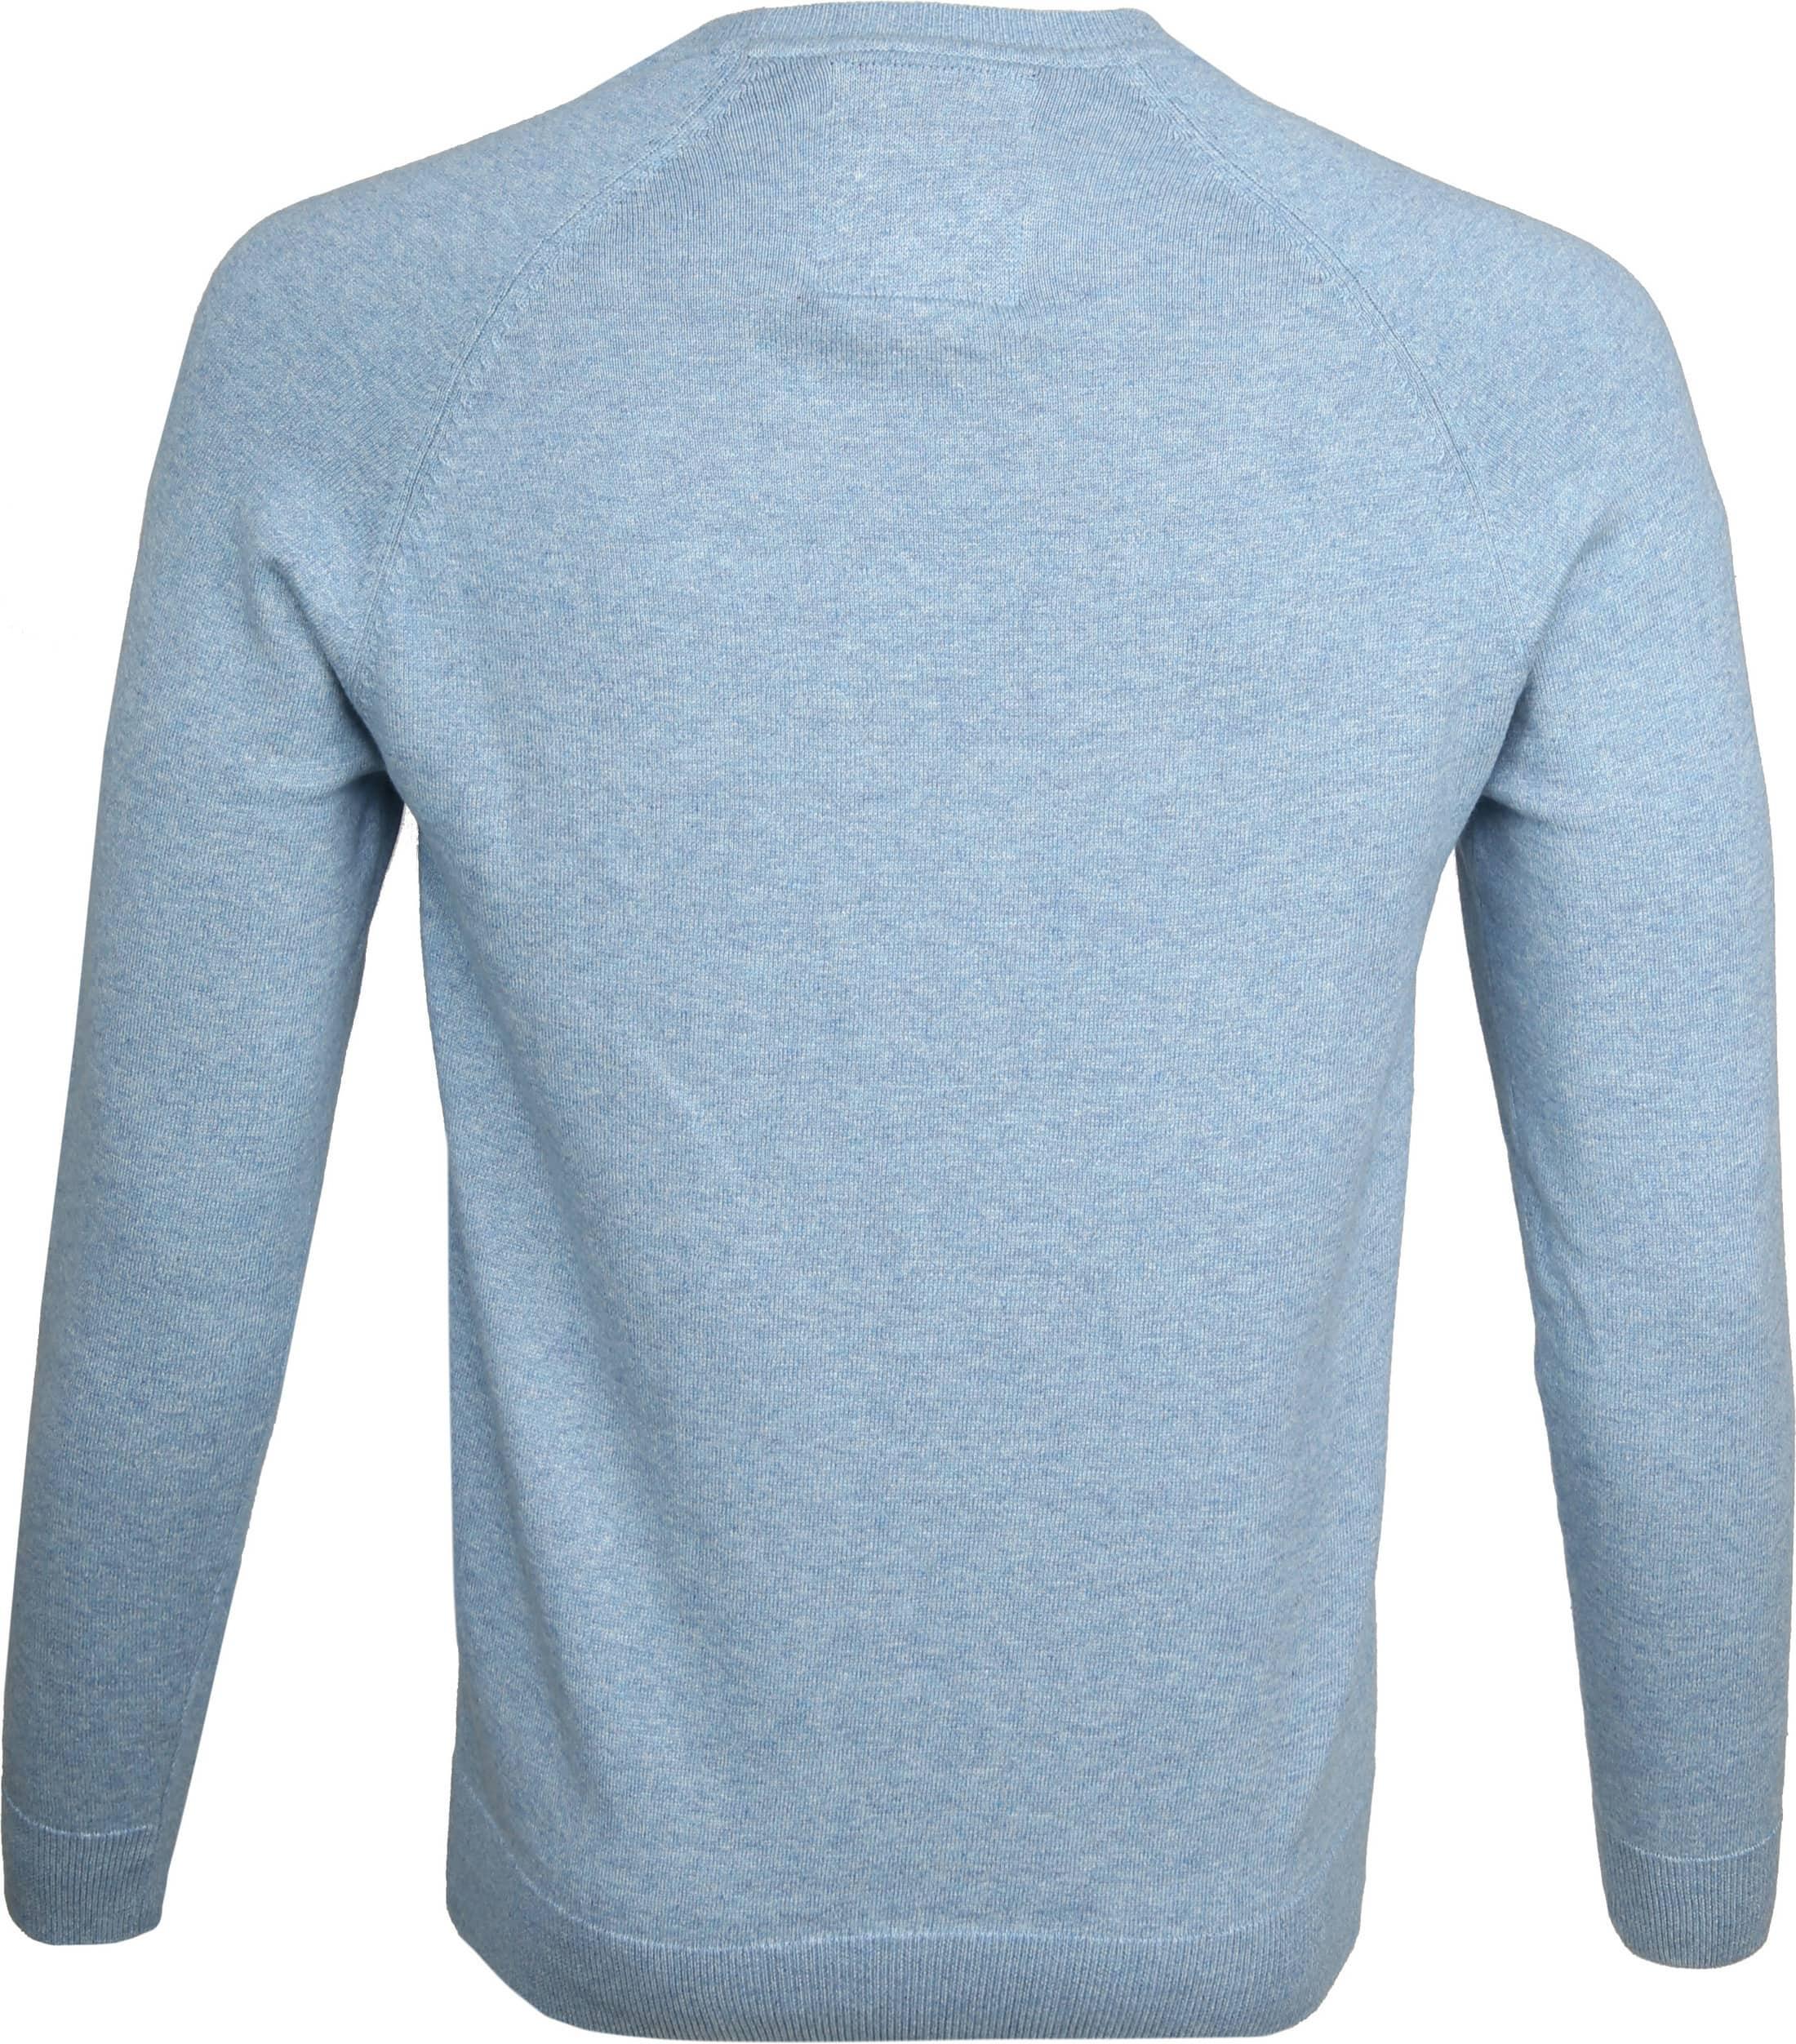 Superdry Pullover Melange Lichtblauw foto 2